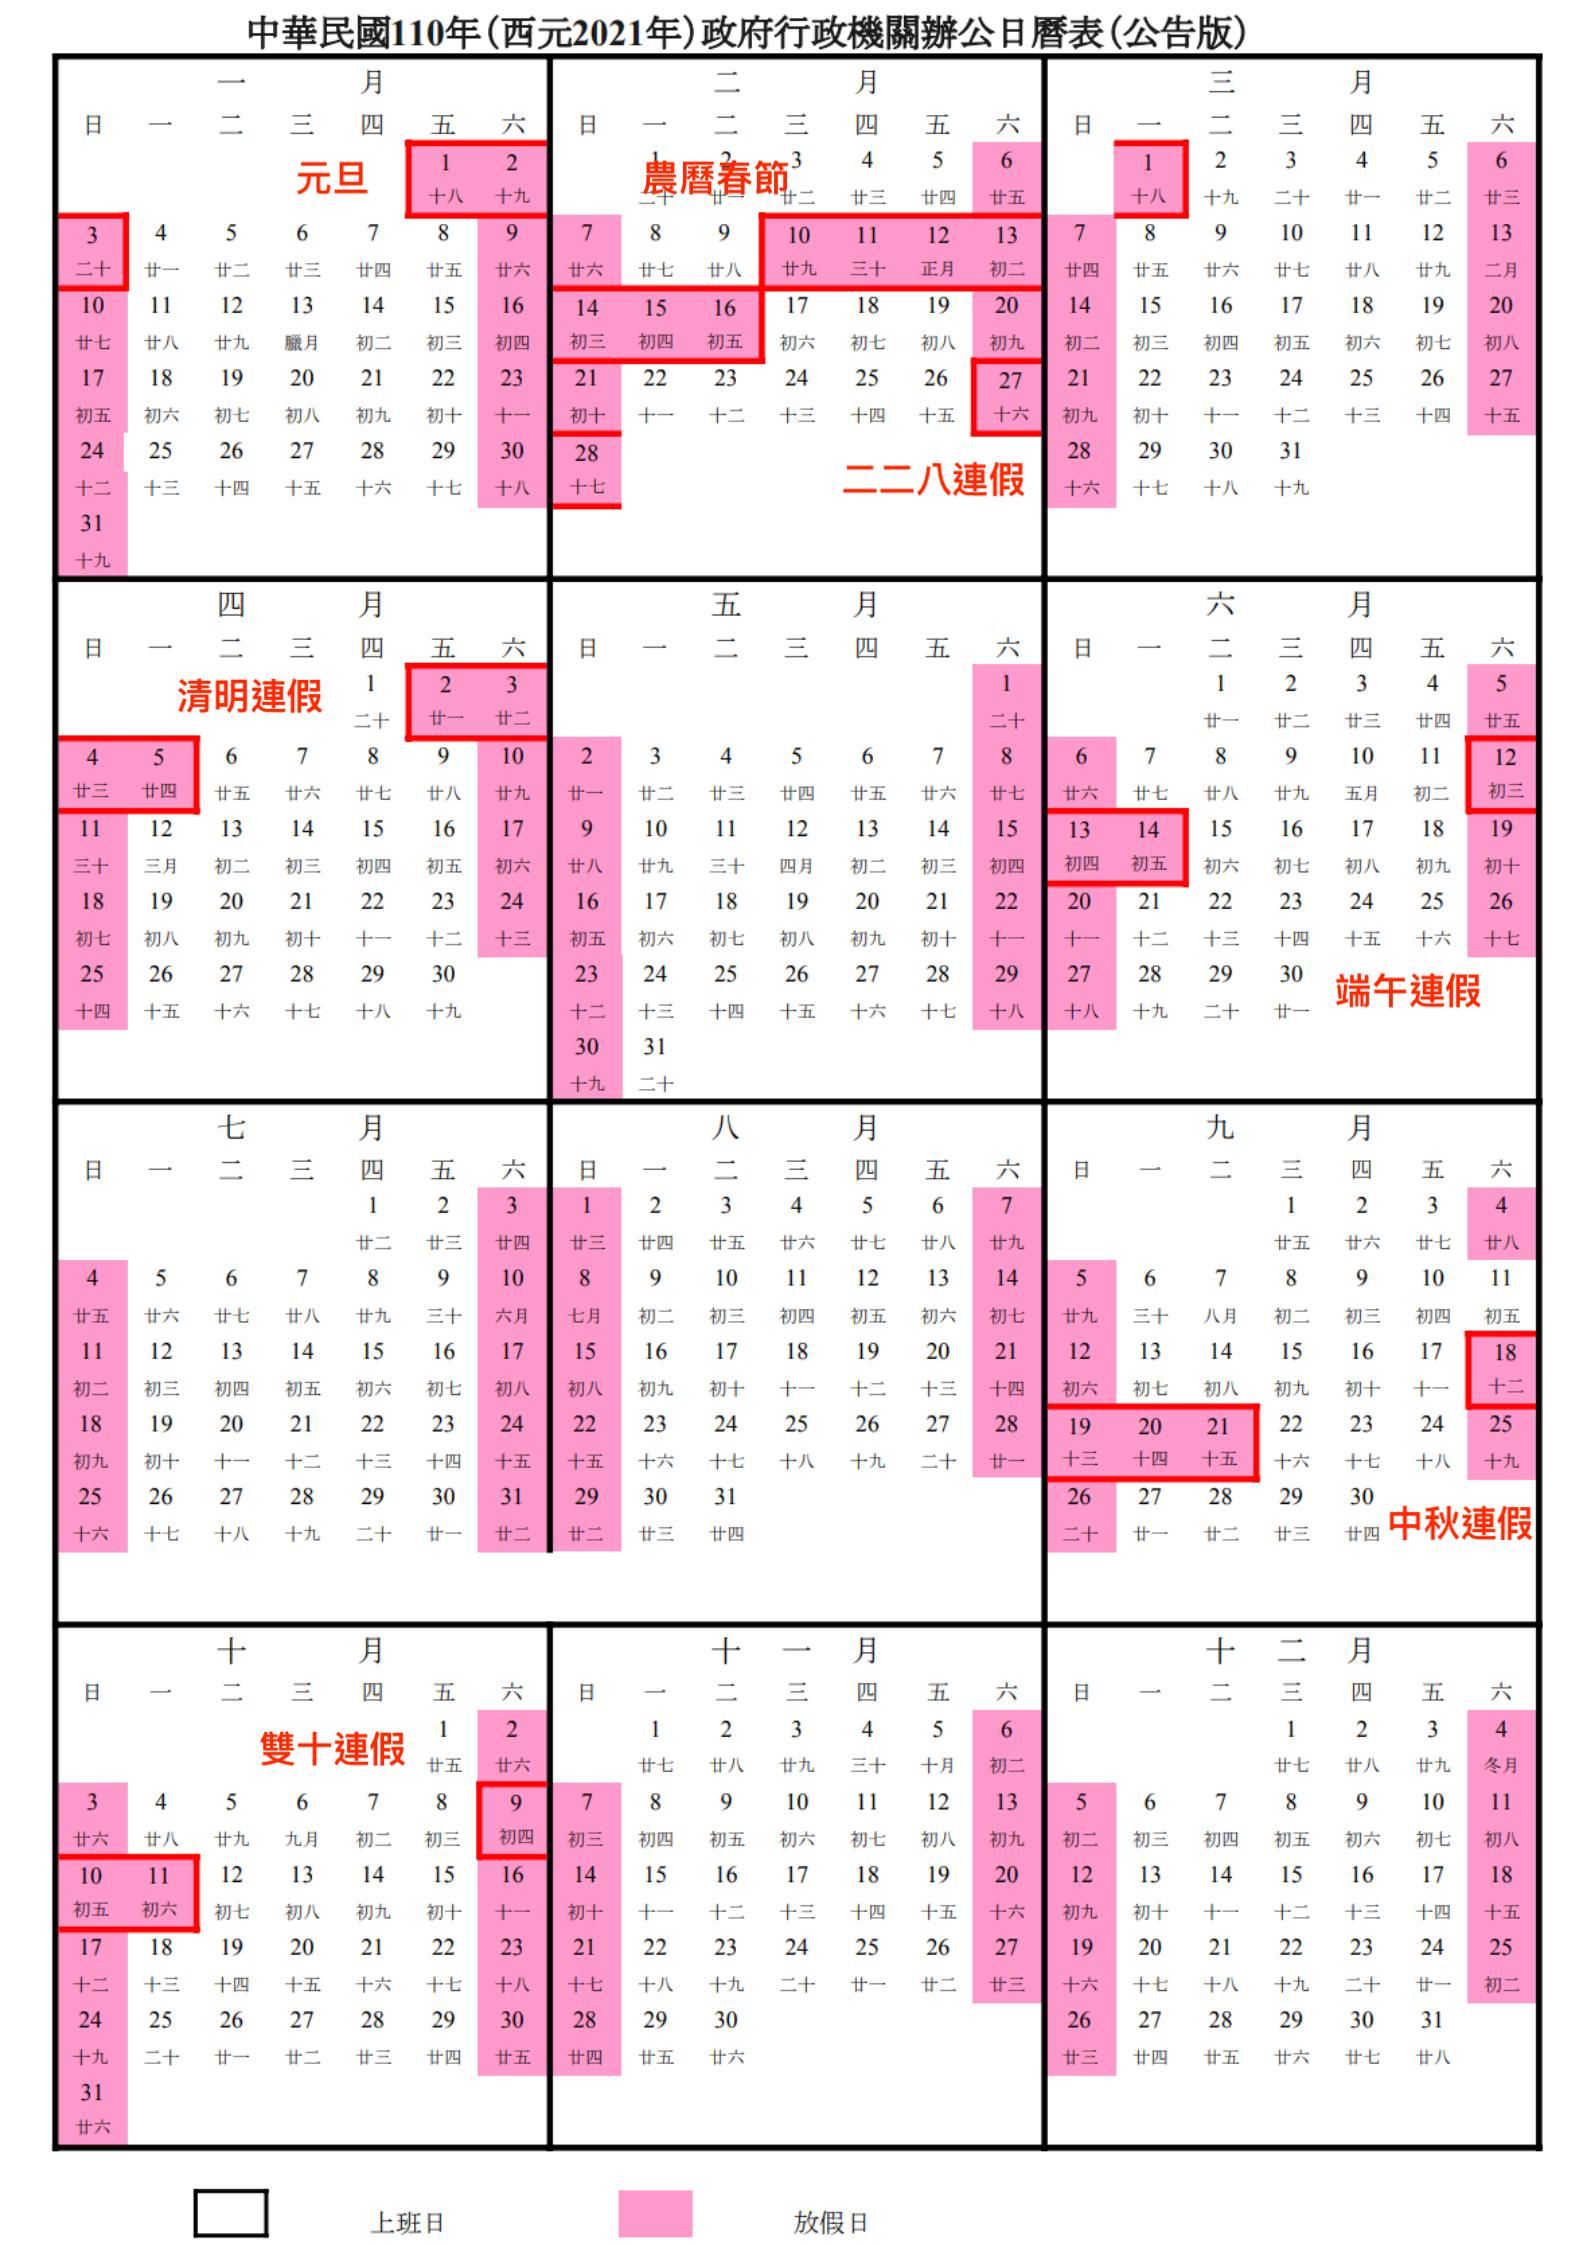 【2021行事曆】, 人事行政局, 110年行事曆